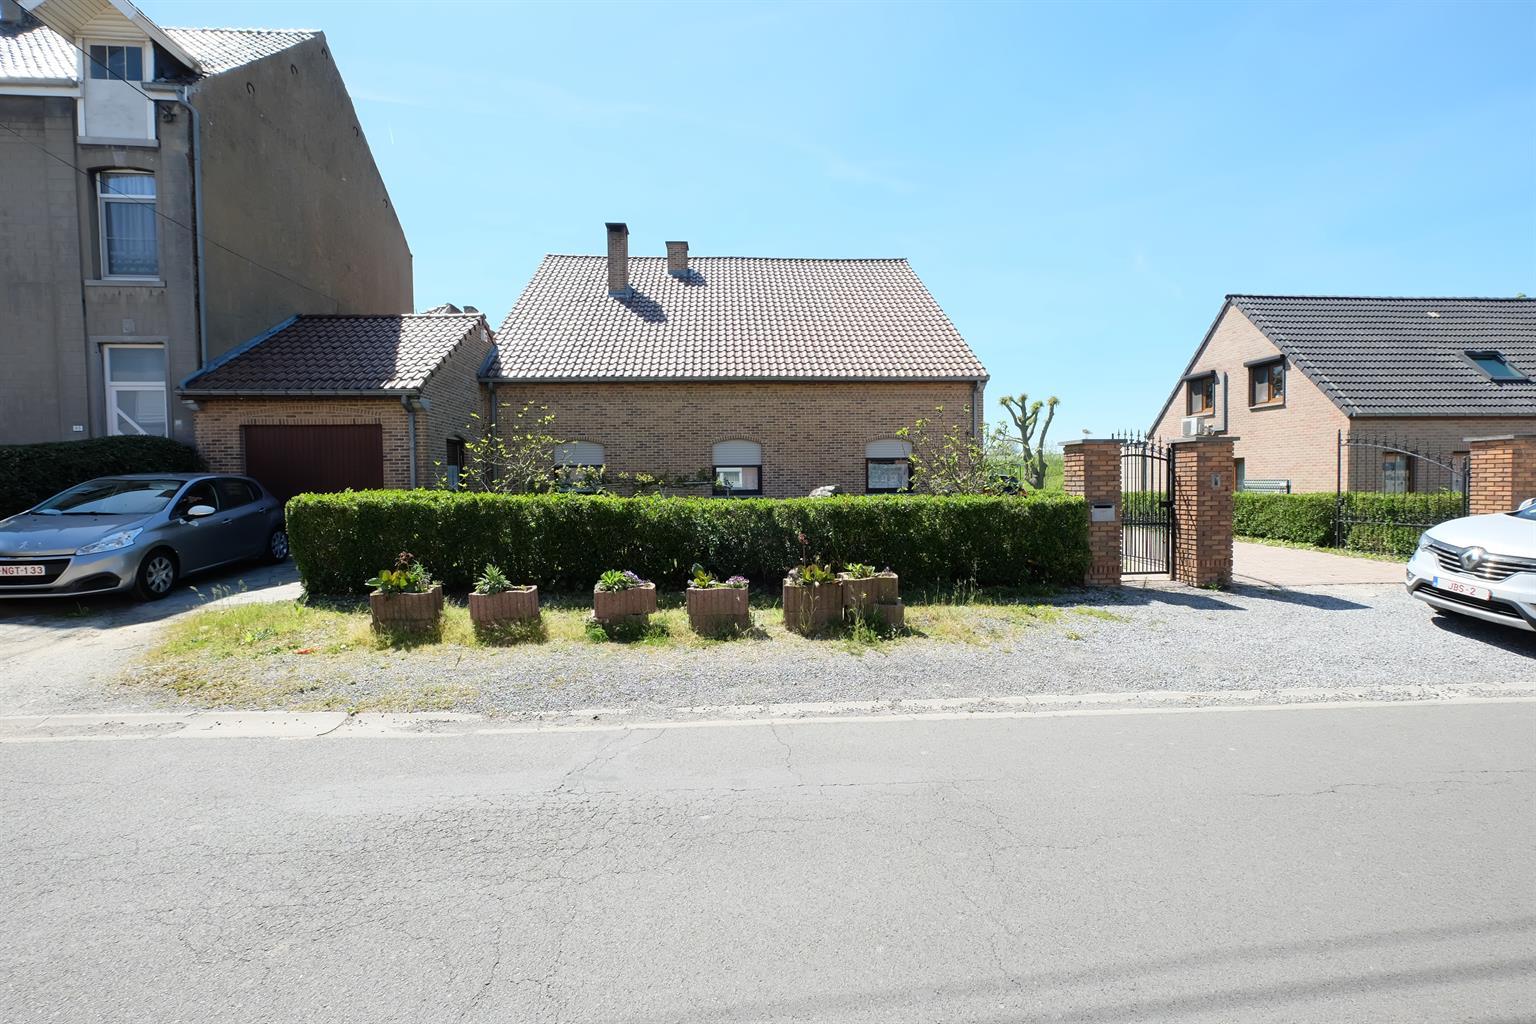 Maison - Braine-le-Comte - #3757289-0